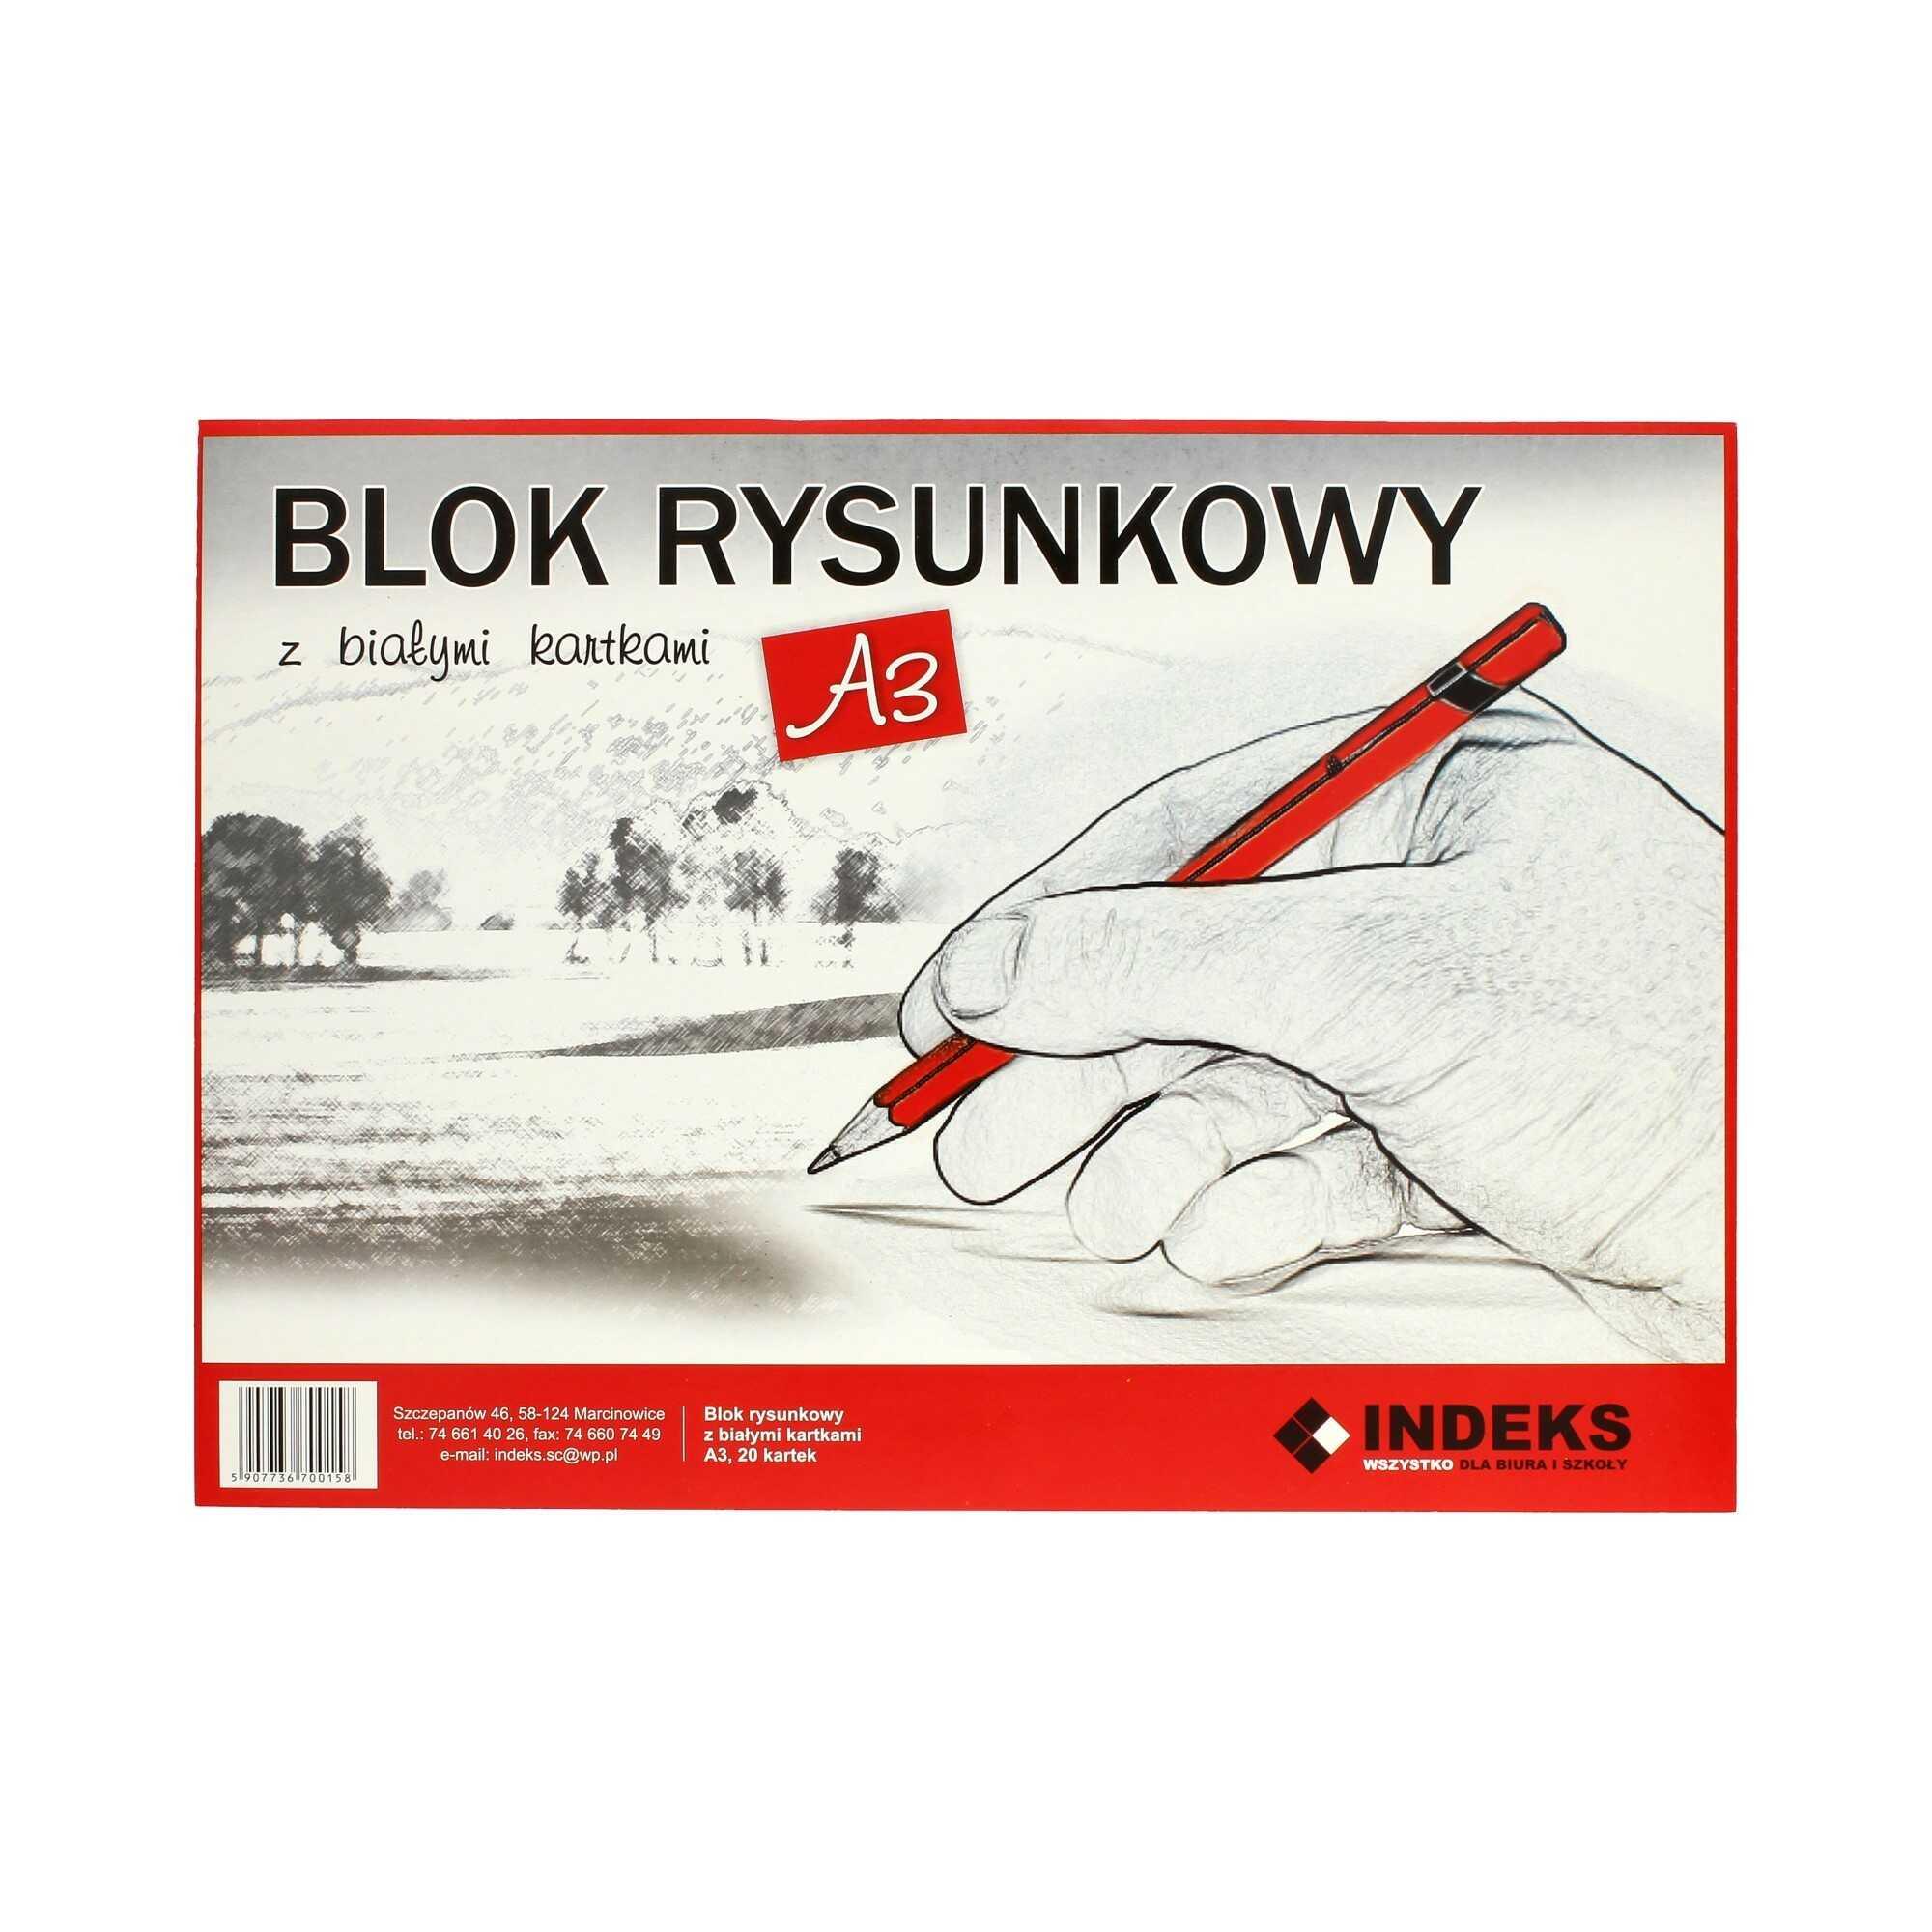 Blok rysunkowy A3/20 biały Indeks